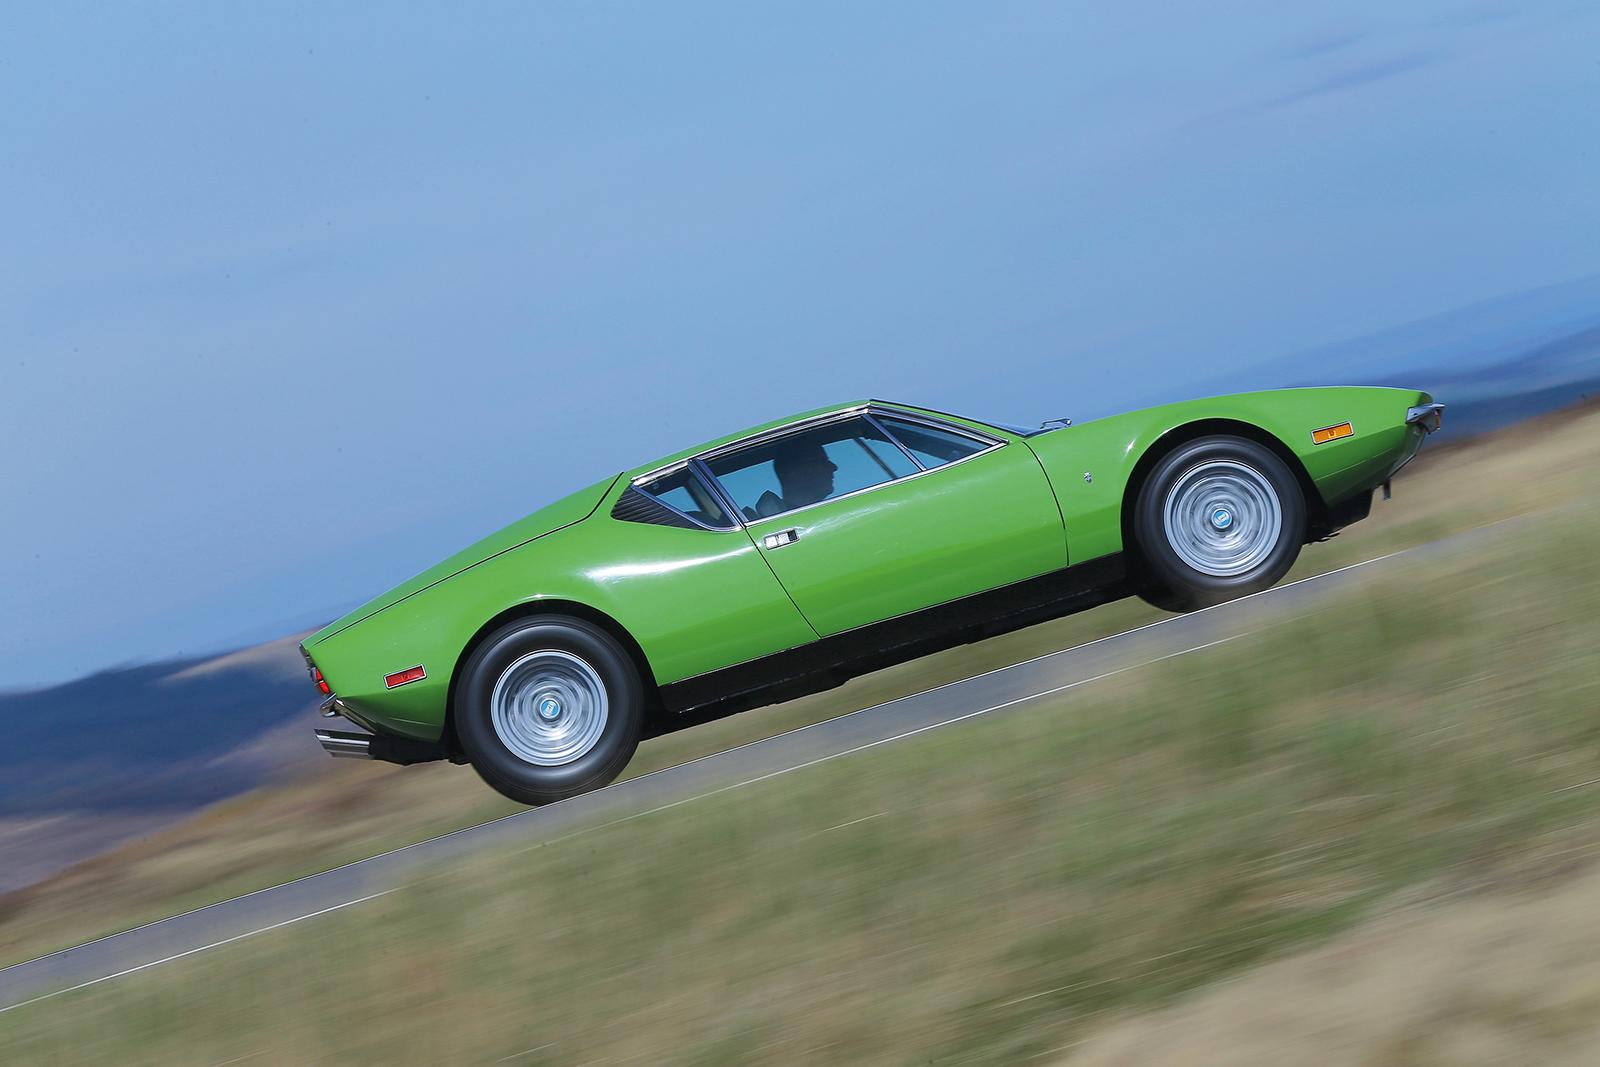 Fully restored 1972 De Tomaso Pantera, UK. Images courtesy of Classic & Sports Car Magazine.